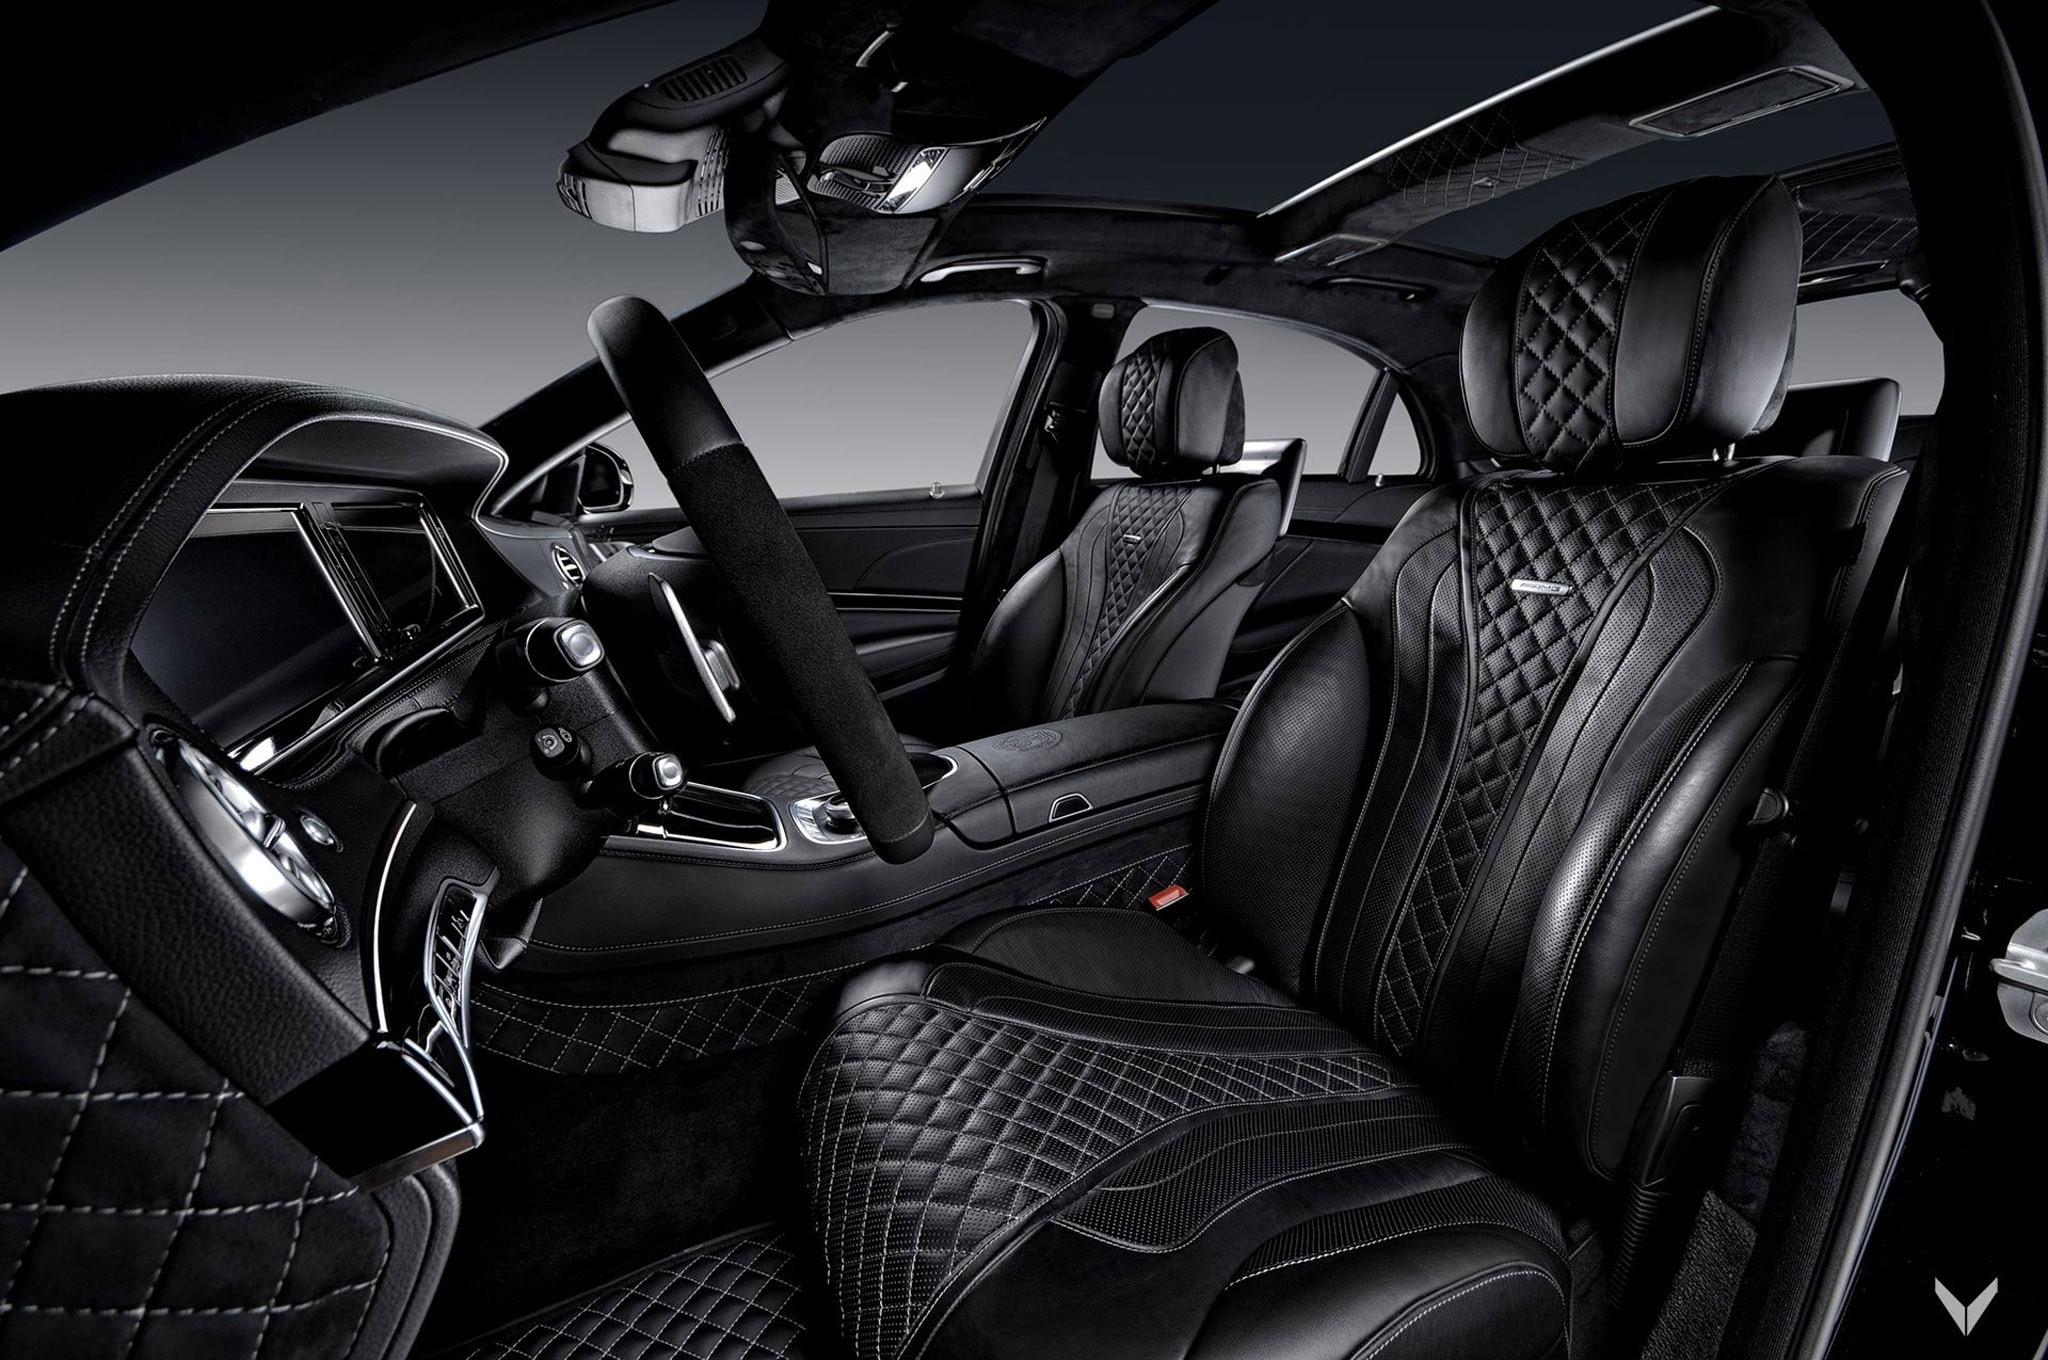 Vilner Mercedes S63 AMG Front Seats